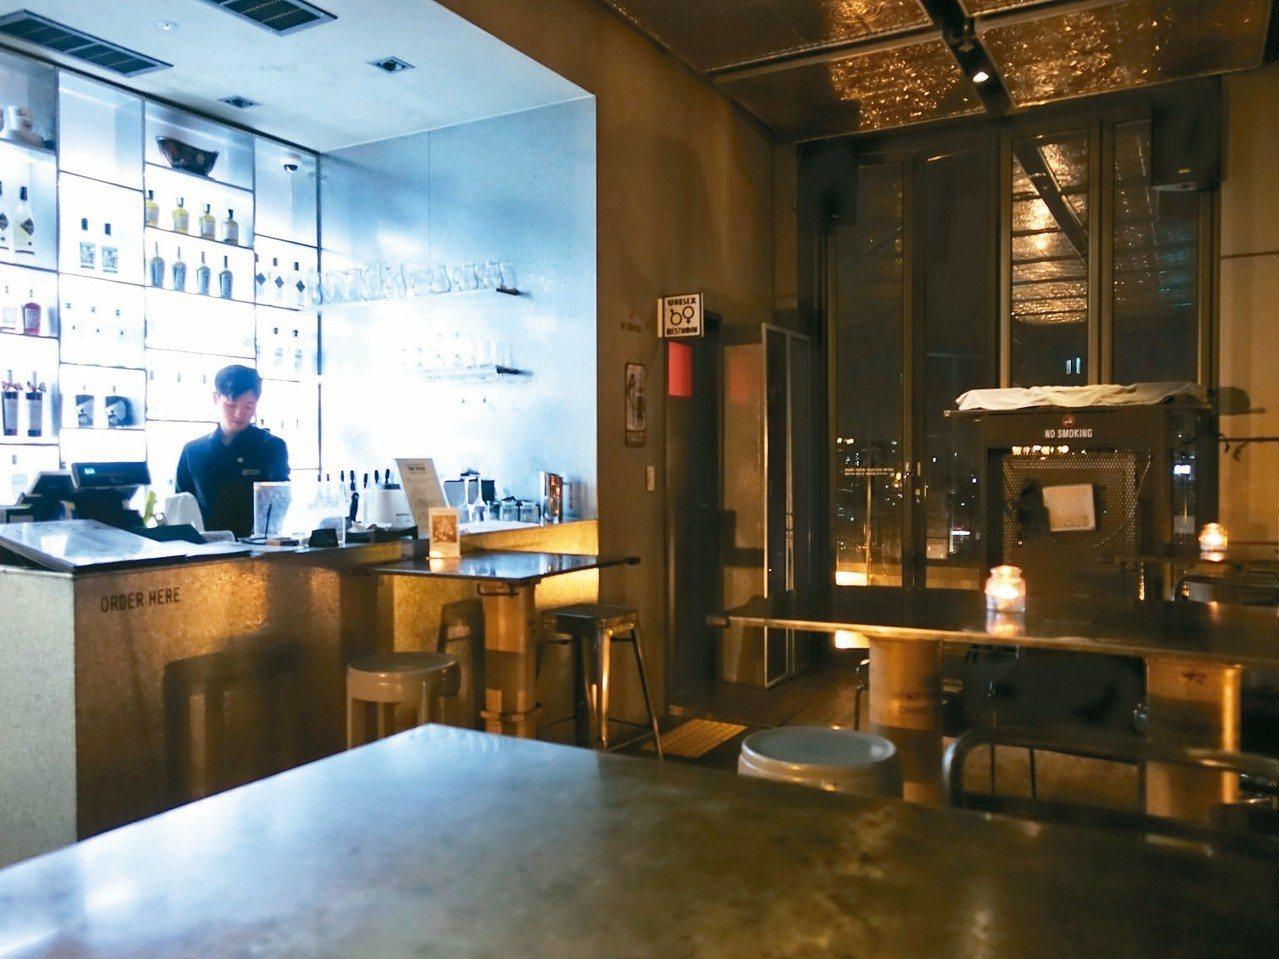 Hotel Cappuccino空中酒吧。 記者張芳瑜/攝影